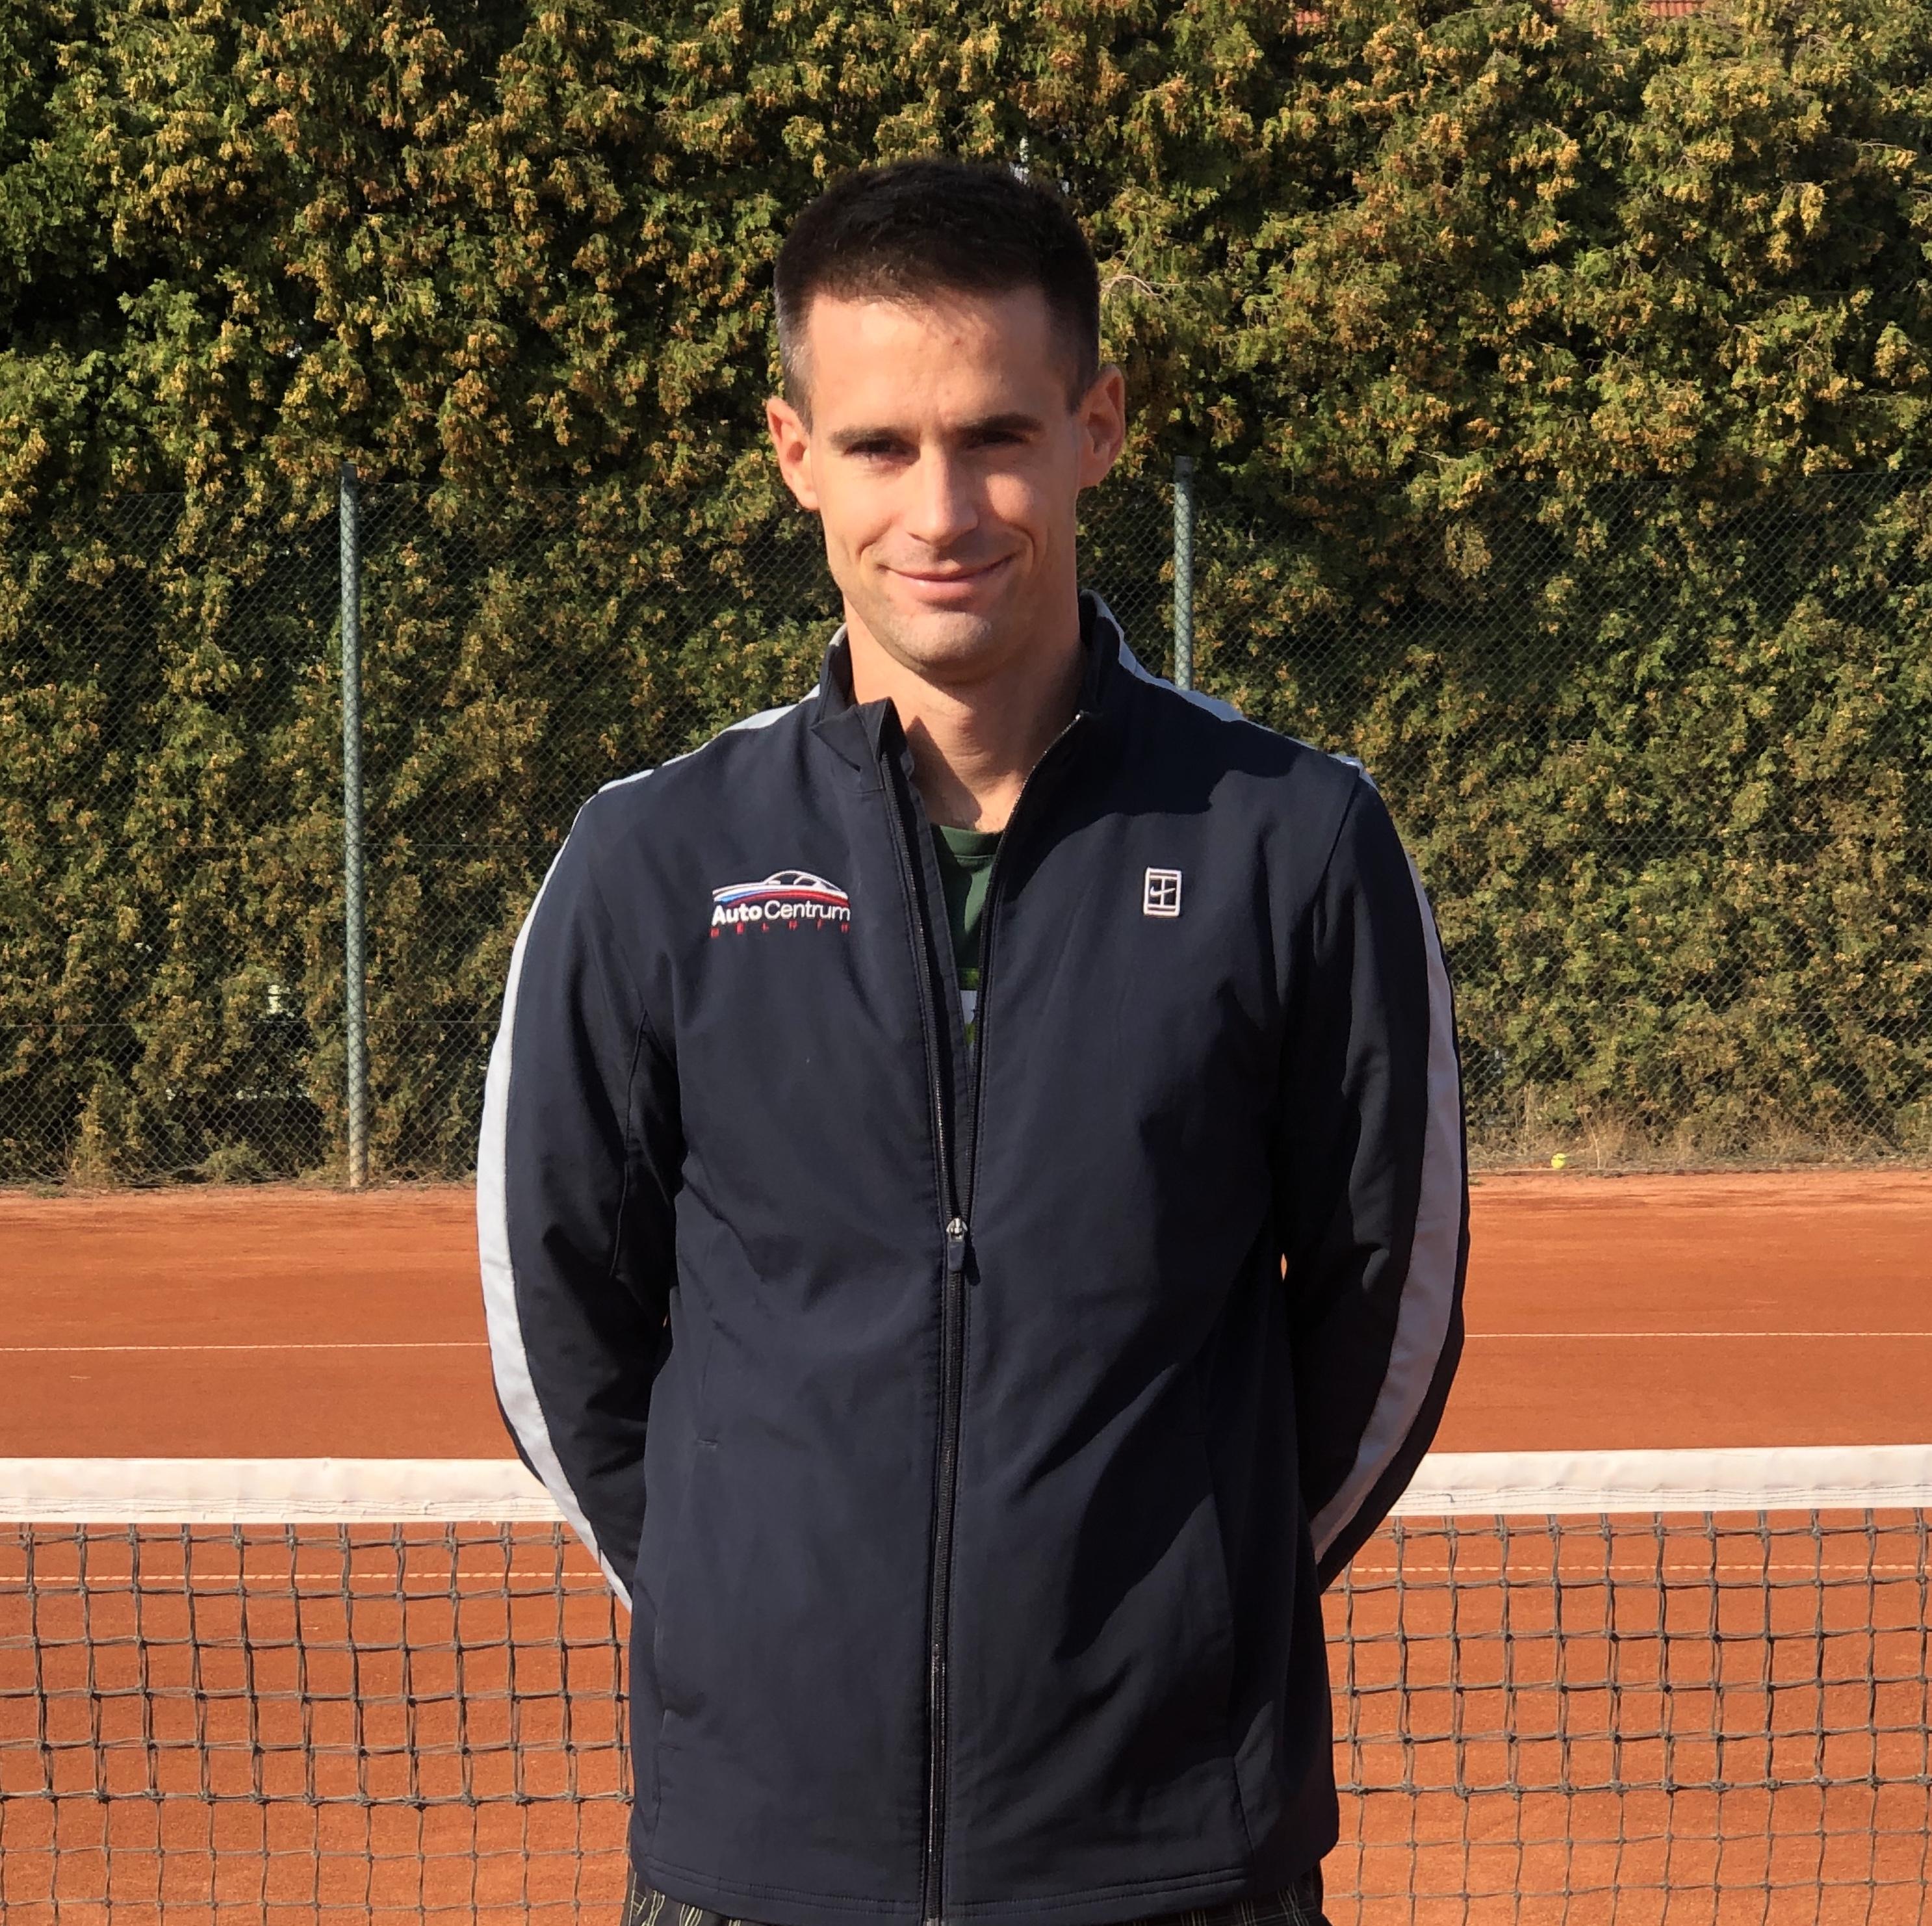 Obrázek Jan Znamenáček